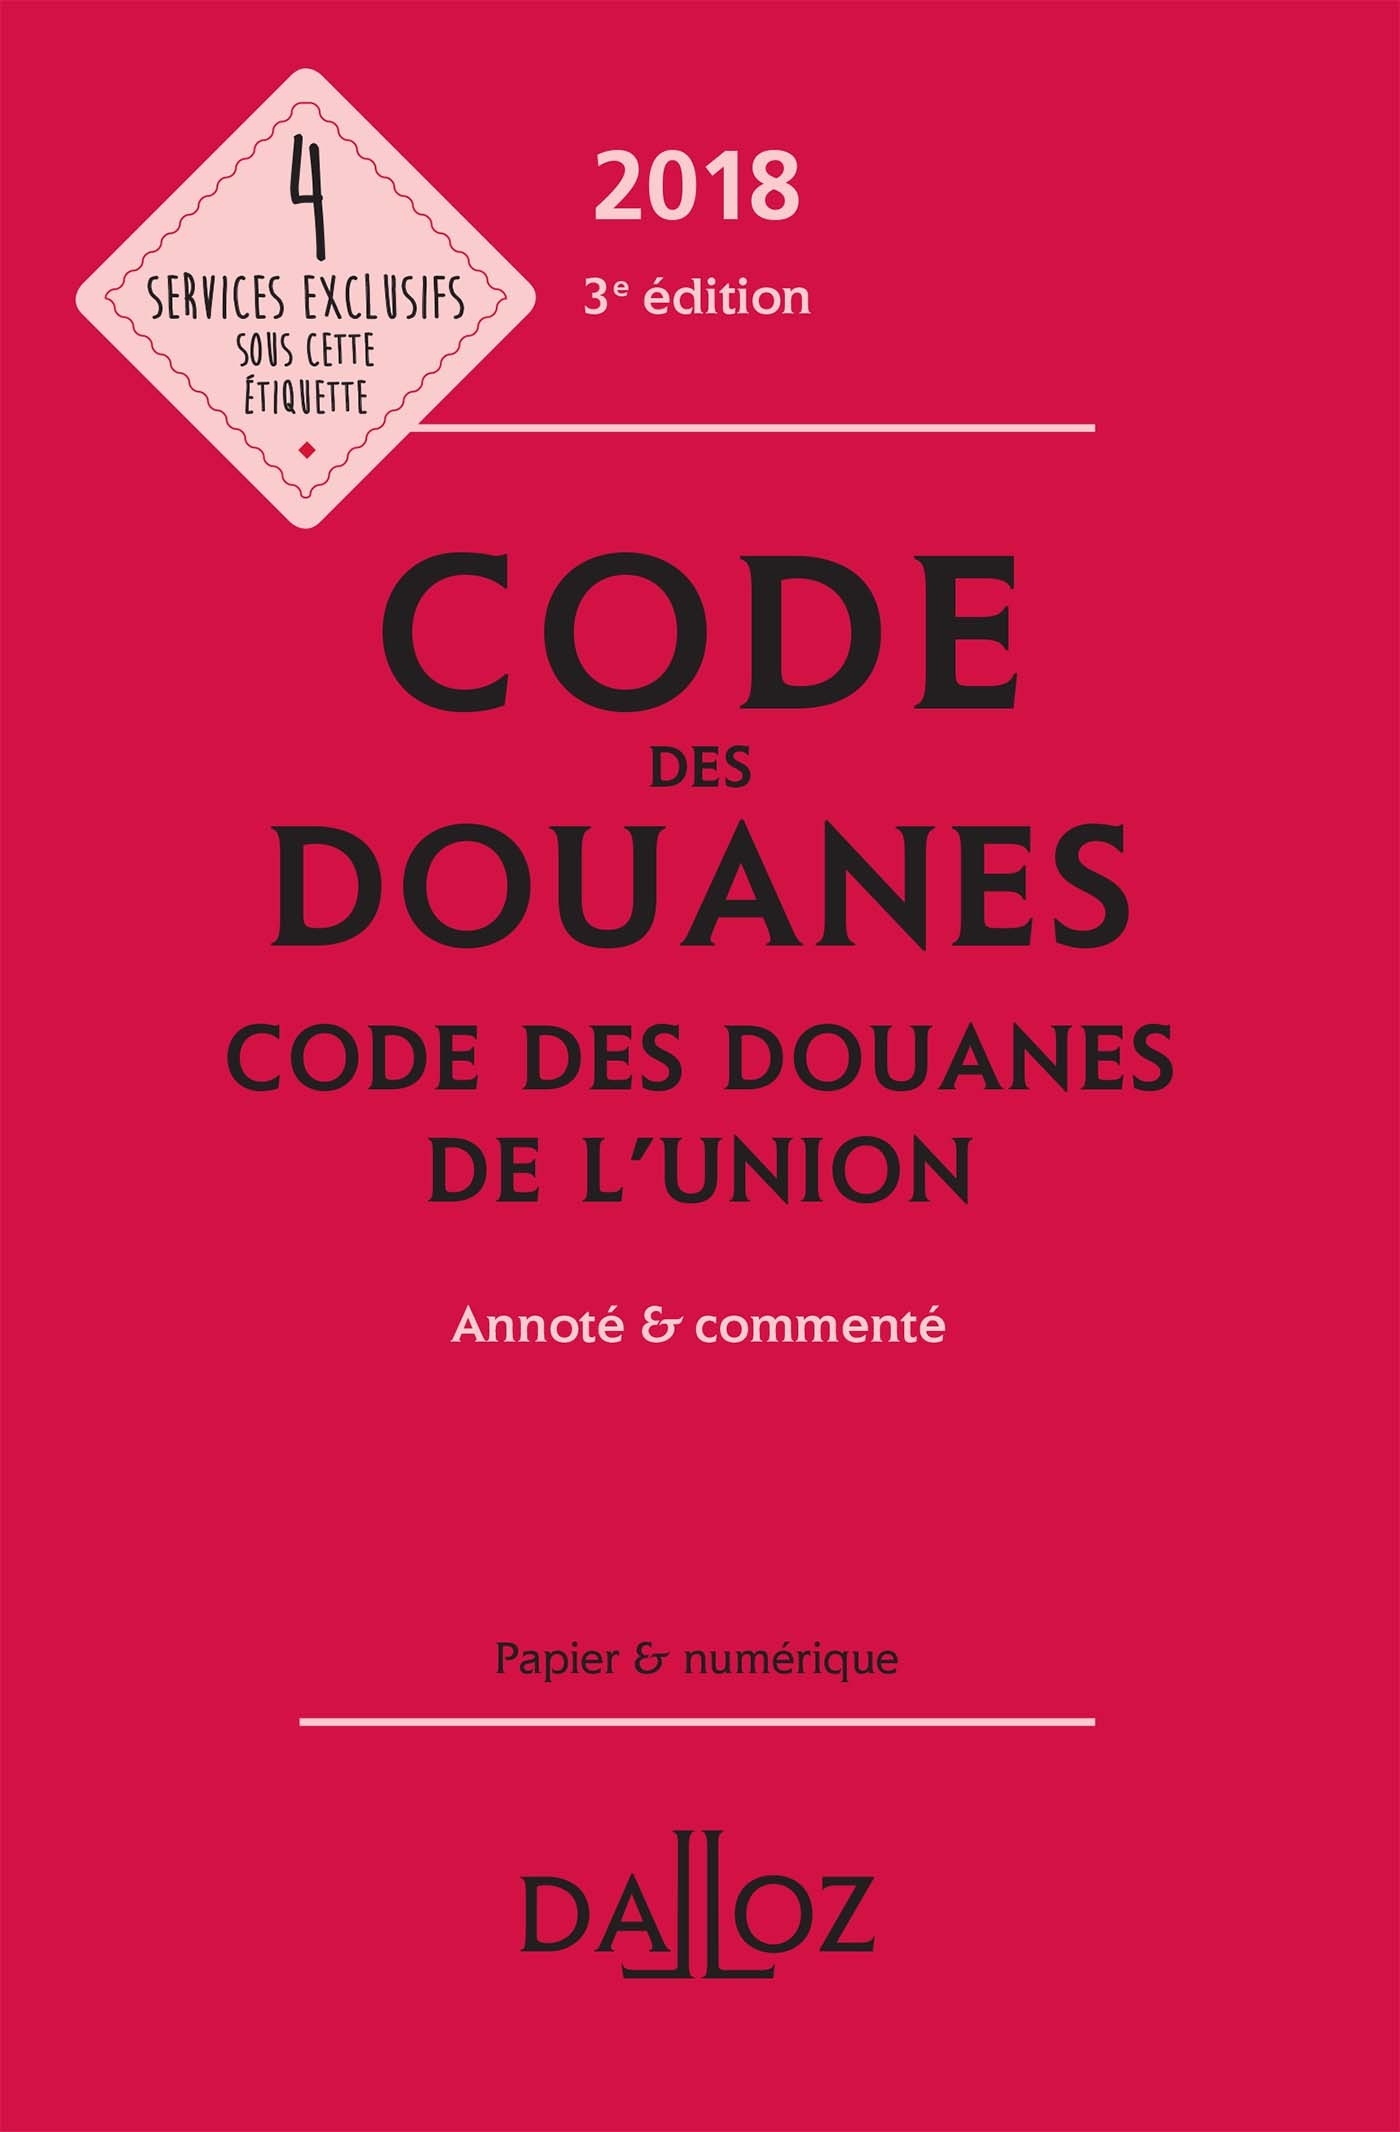 CODE DES DOUANES 2018, CODE DES DOUANES DE L'UNION, ANNOTE ET COMMENTE - 3E ED.